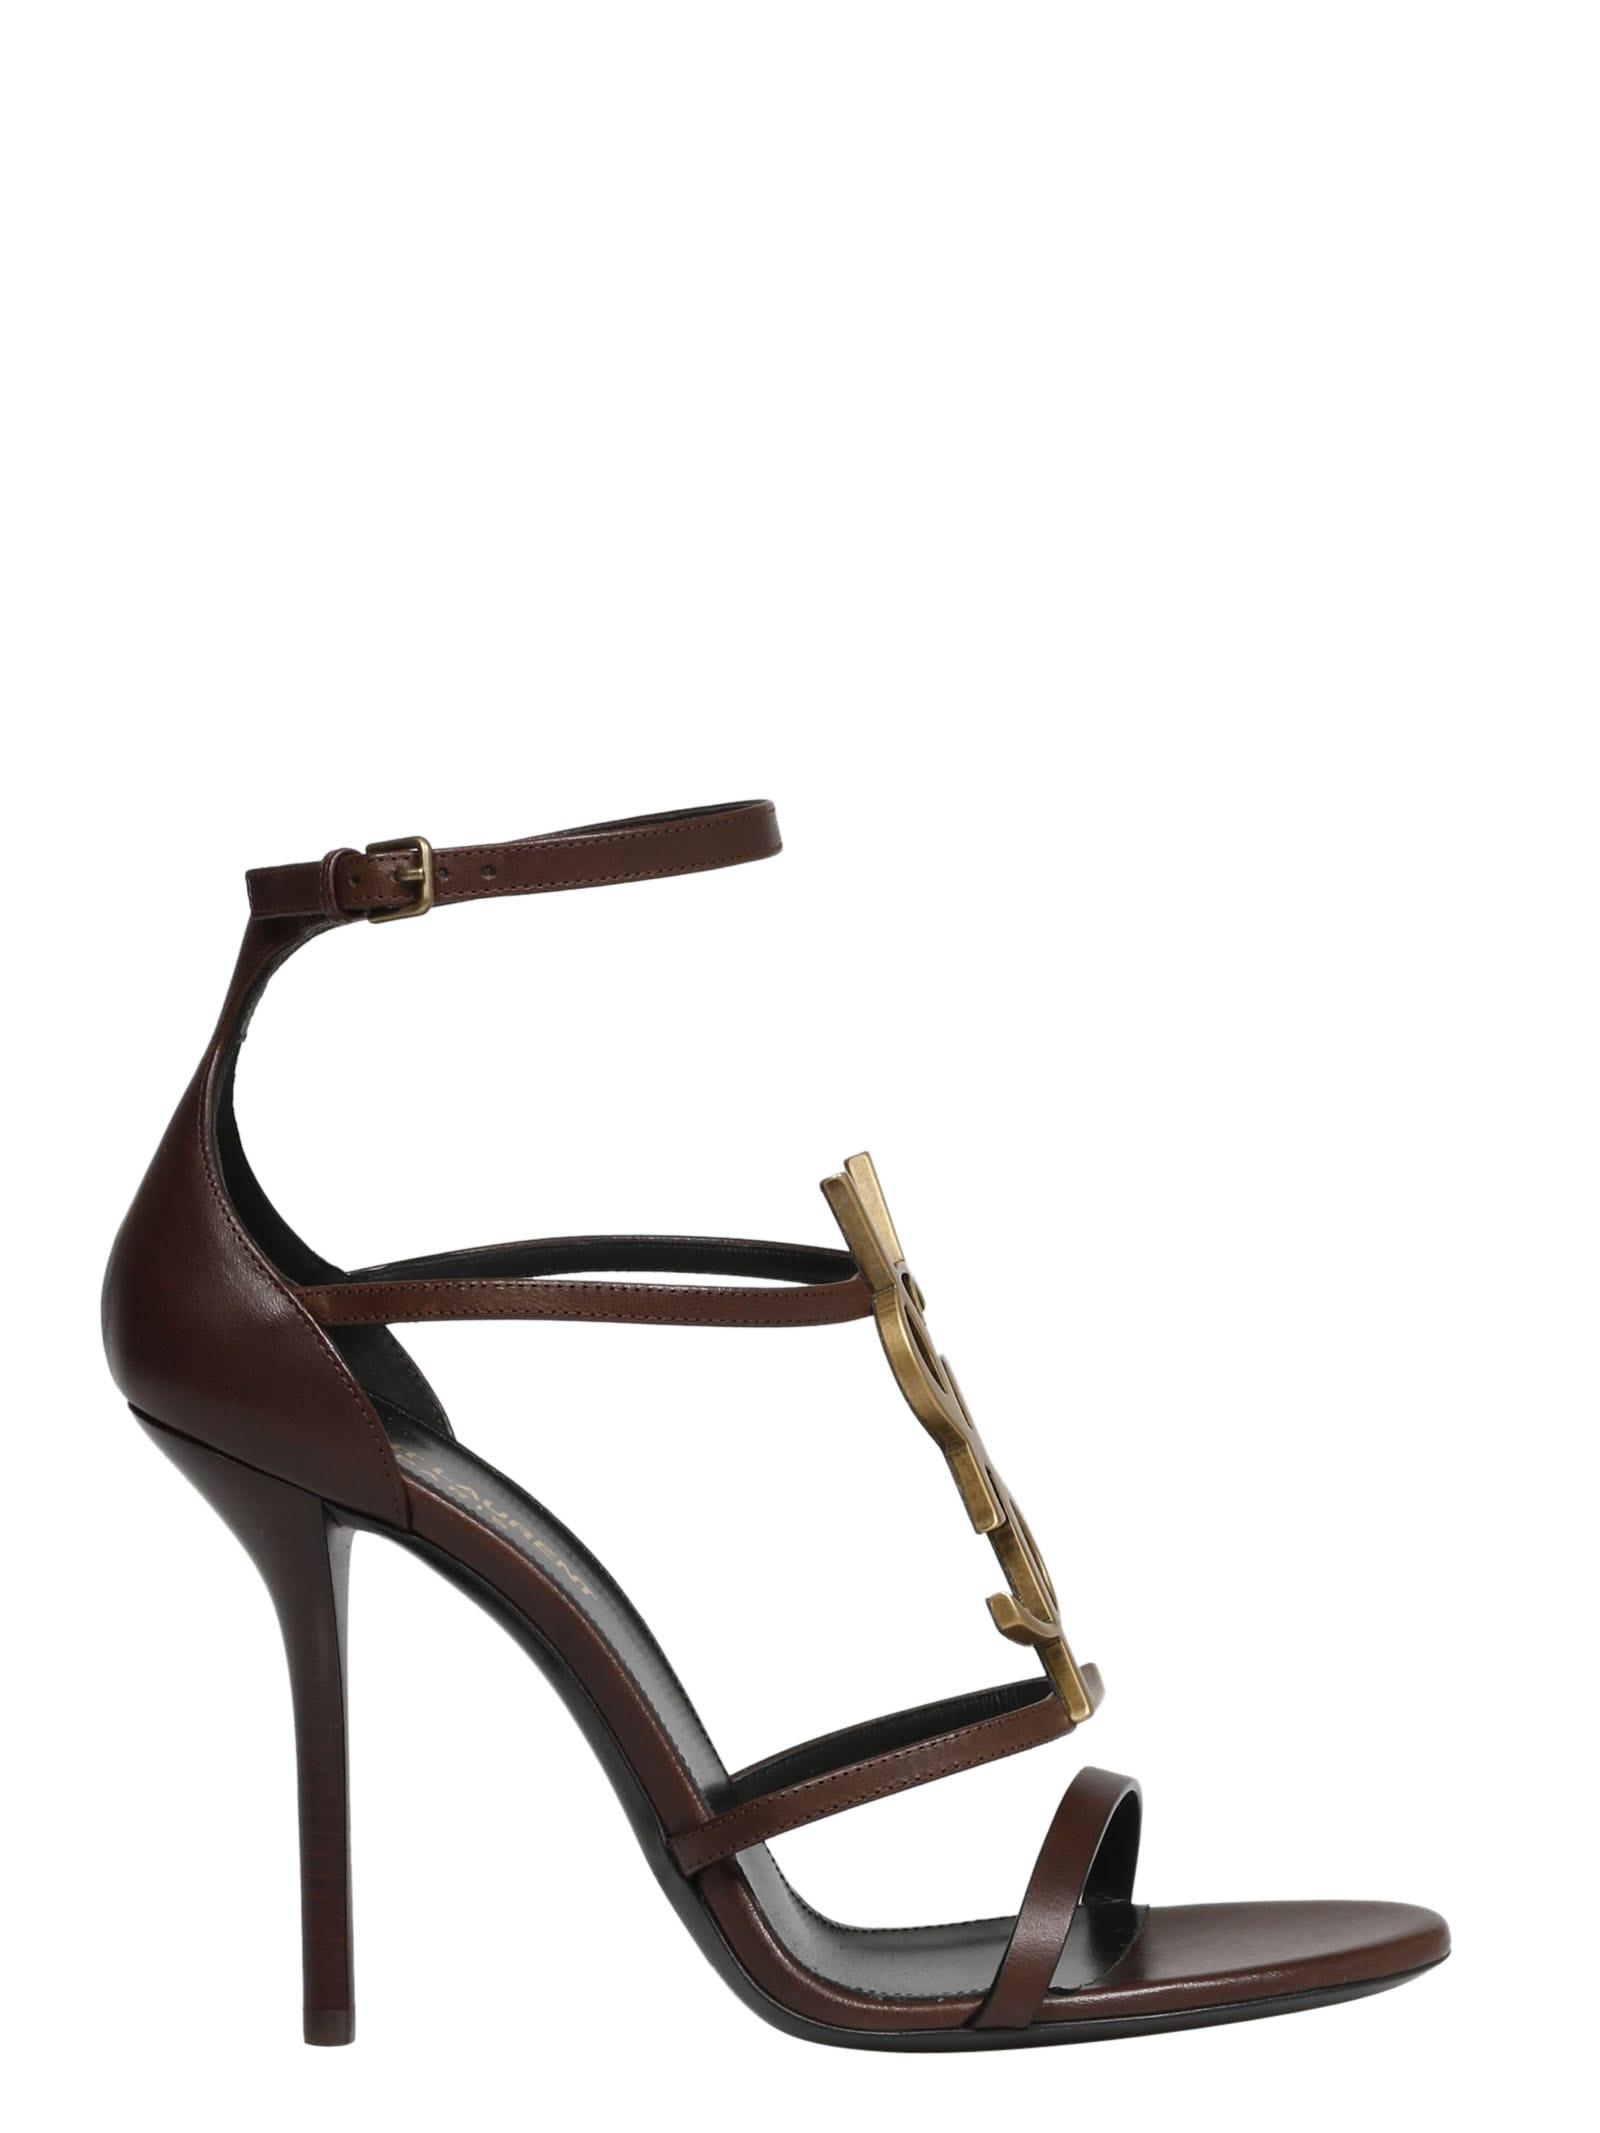 Buy Saint Laurent Jota Sandals online, shop Saint Laurent shoes with free shipping